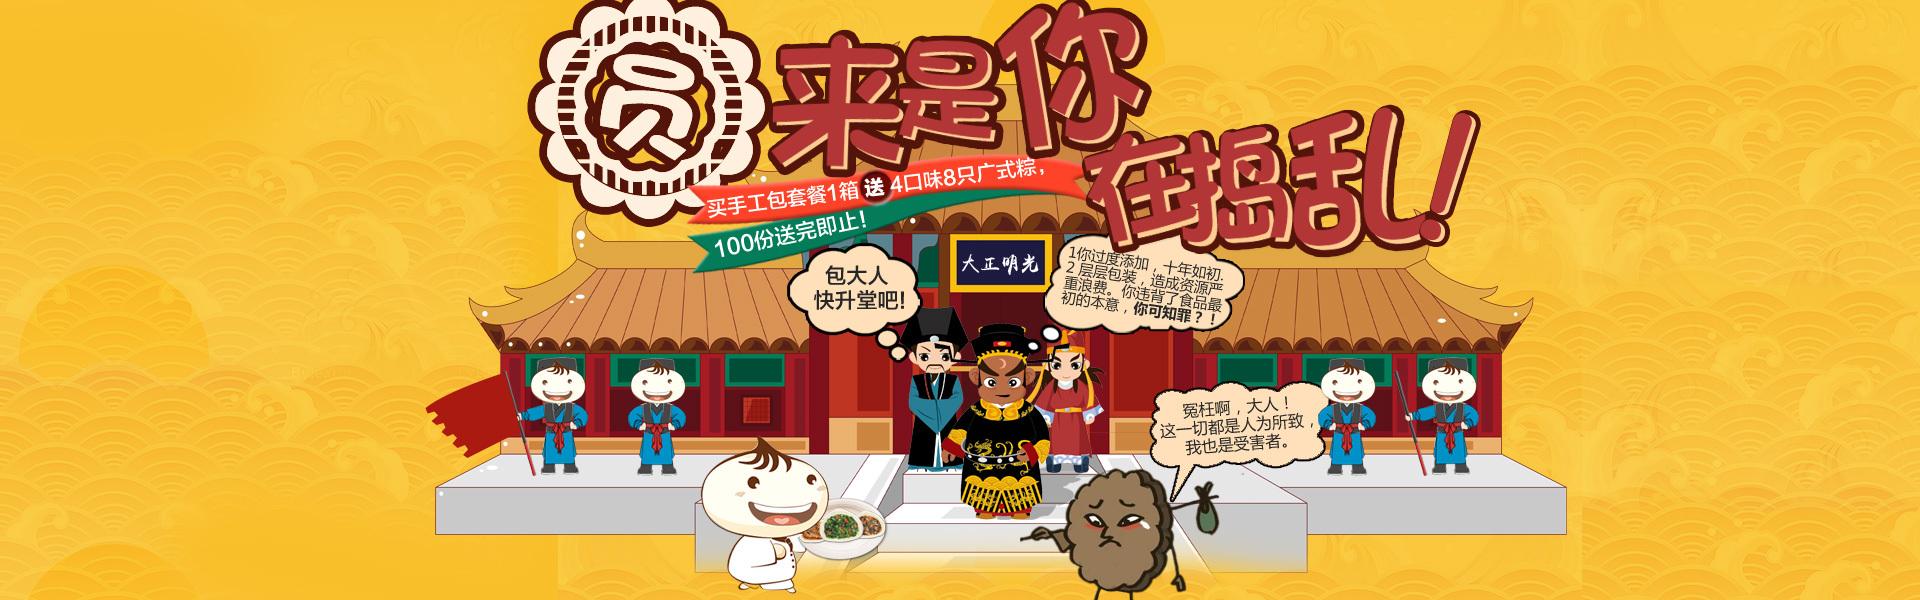 中秋节日海报-电商